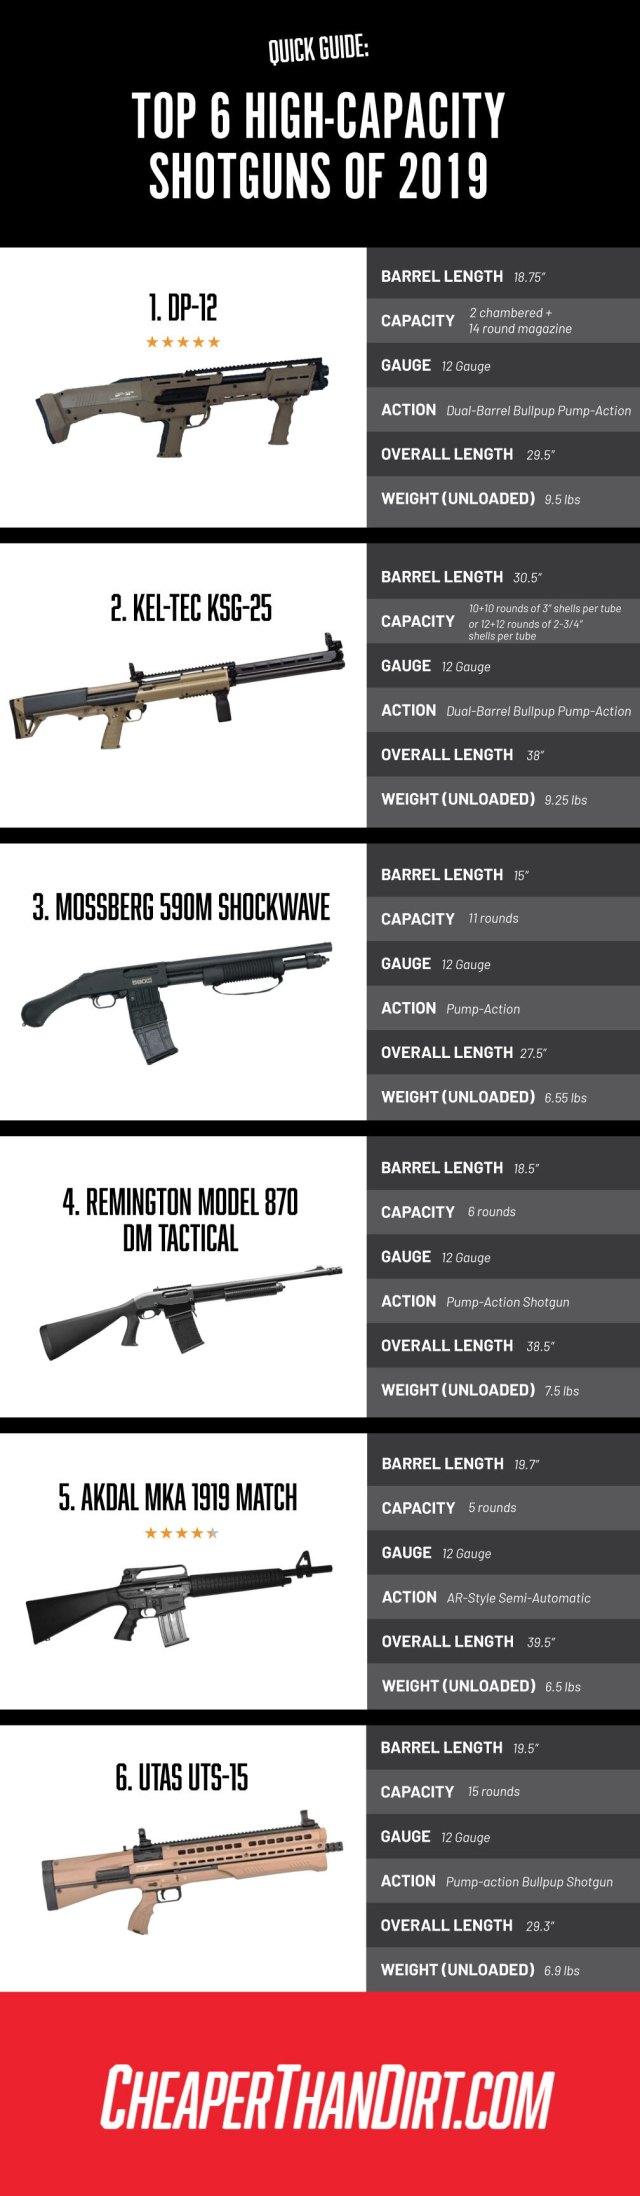 high capacity shotguns